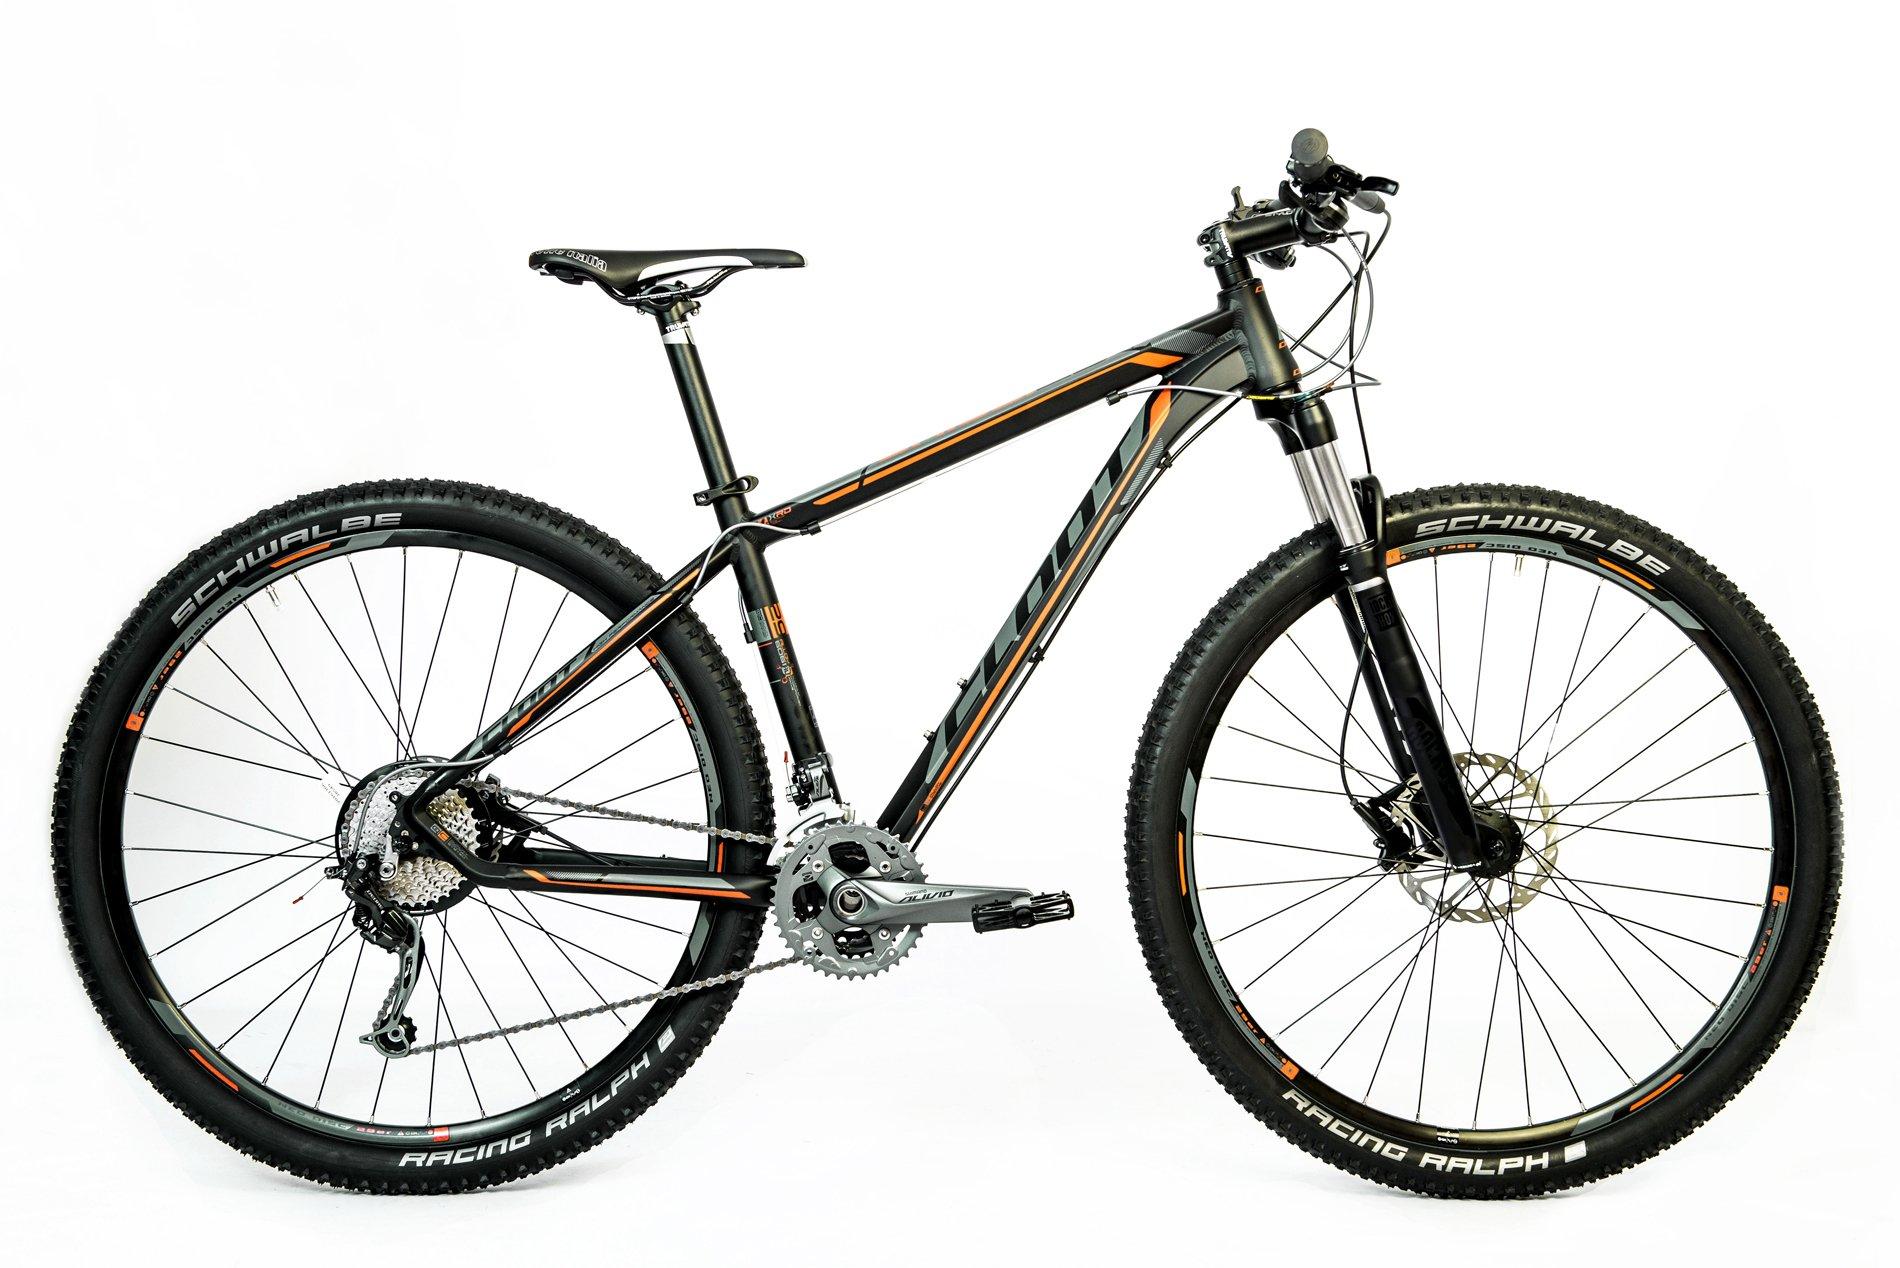 CLOOT - Bicis de montaña 29 - MTB - Anibal 900 Deore, Aluminio ...